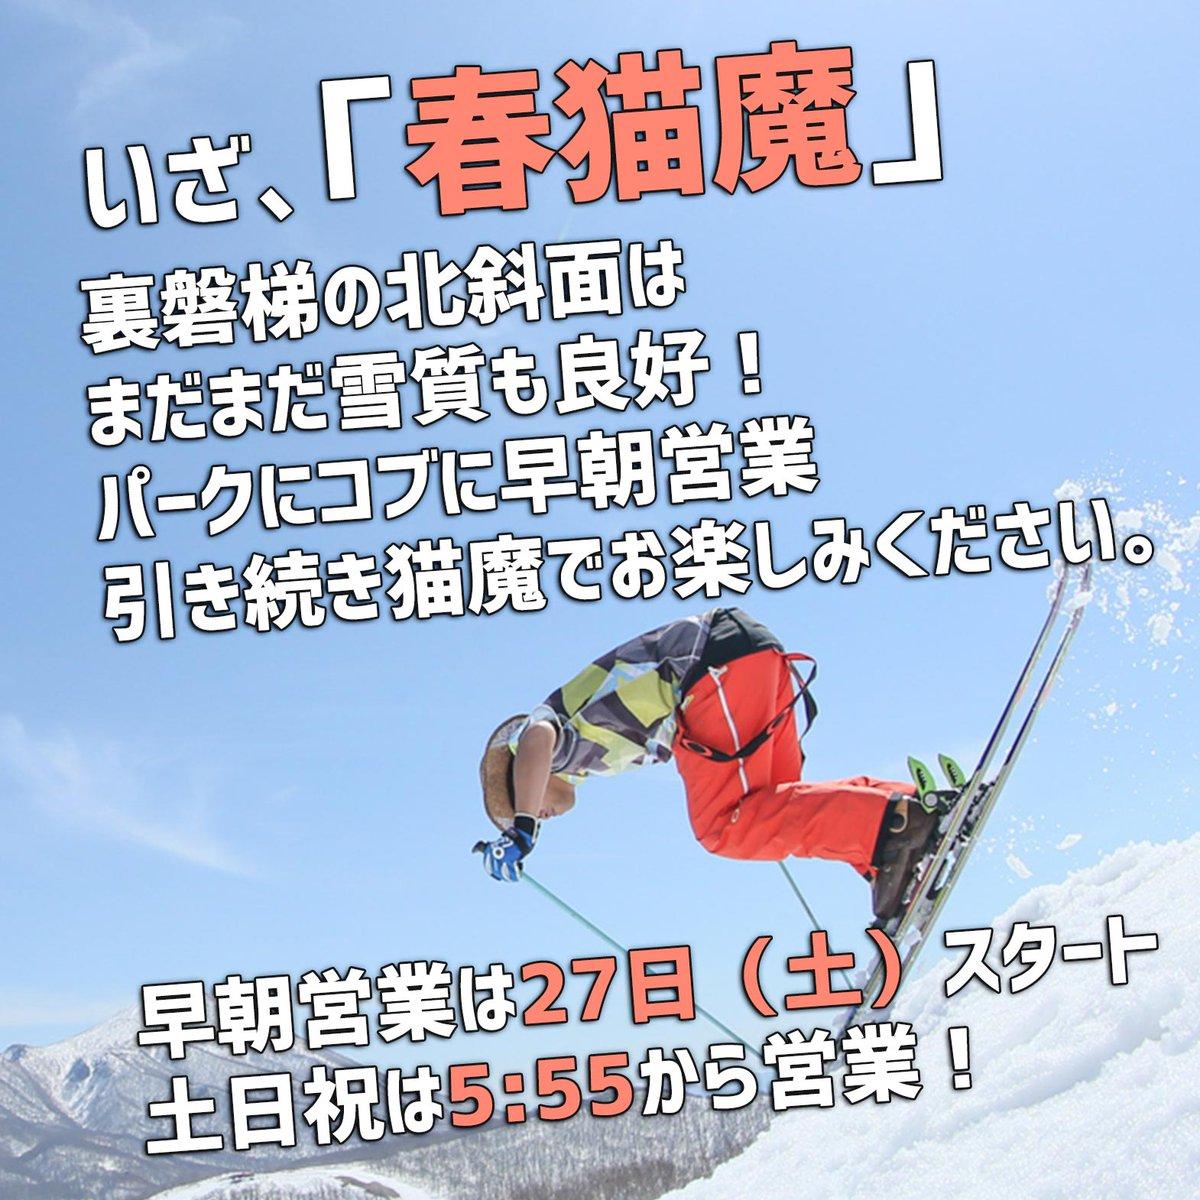 スキー 天気 磐梯 アルツ 場 アルツスキー場に行ってきました!